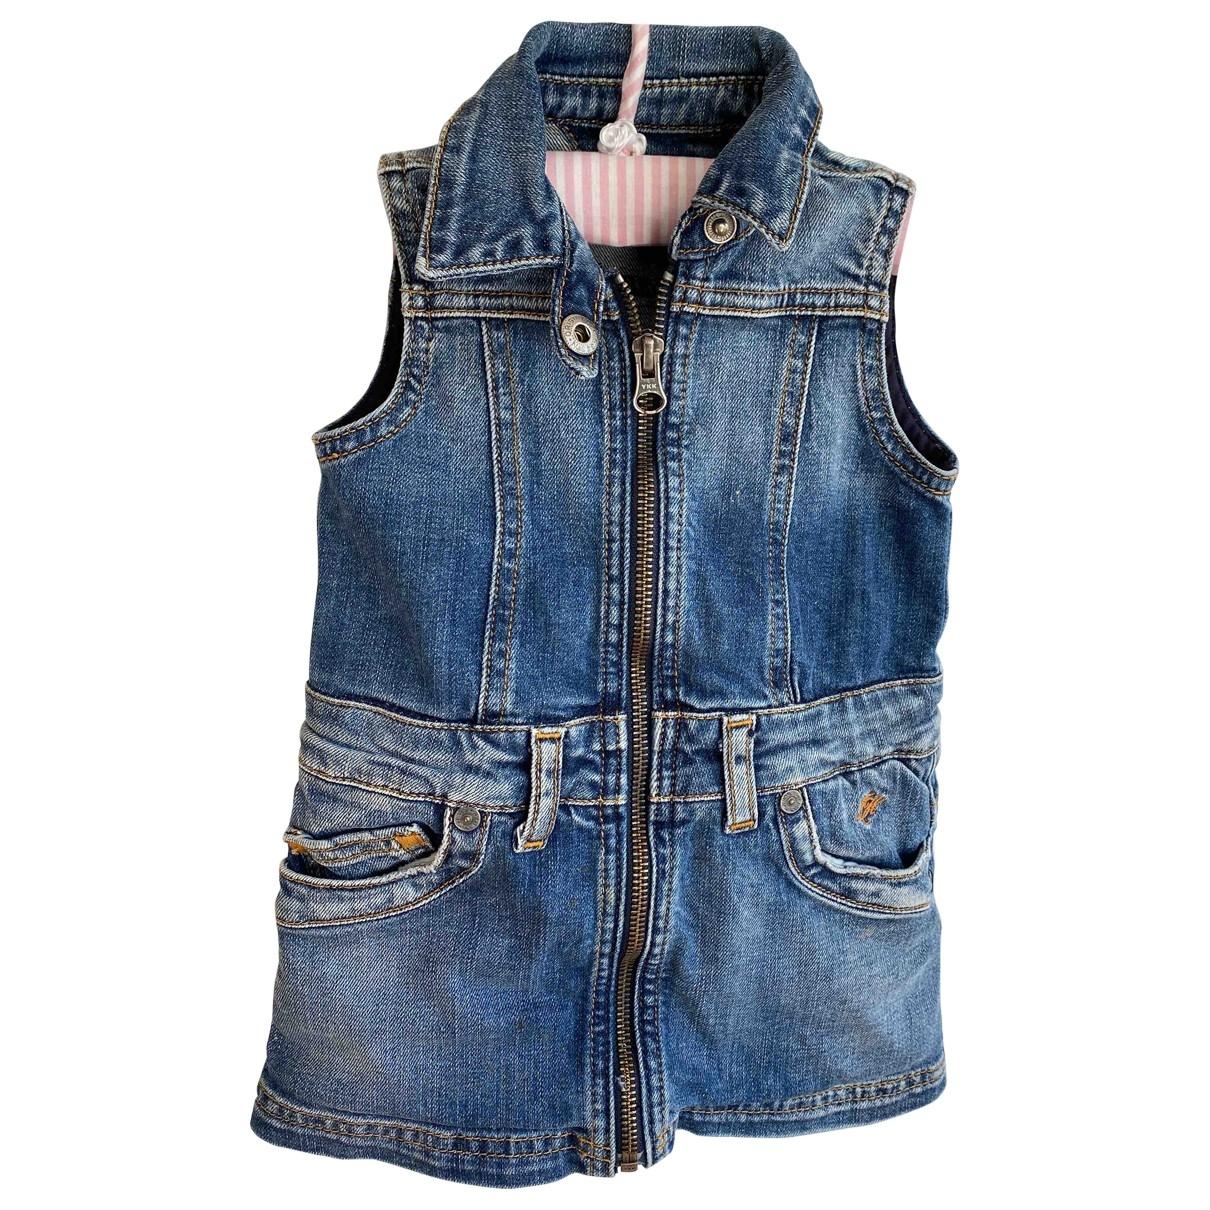 Tommy Hilfiger \N Blue Denim - Jeans dress for Kids 12 months - until 29 inches UK